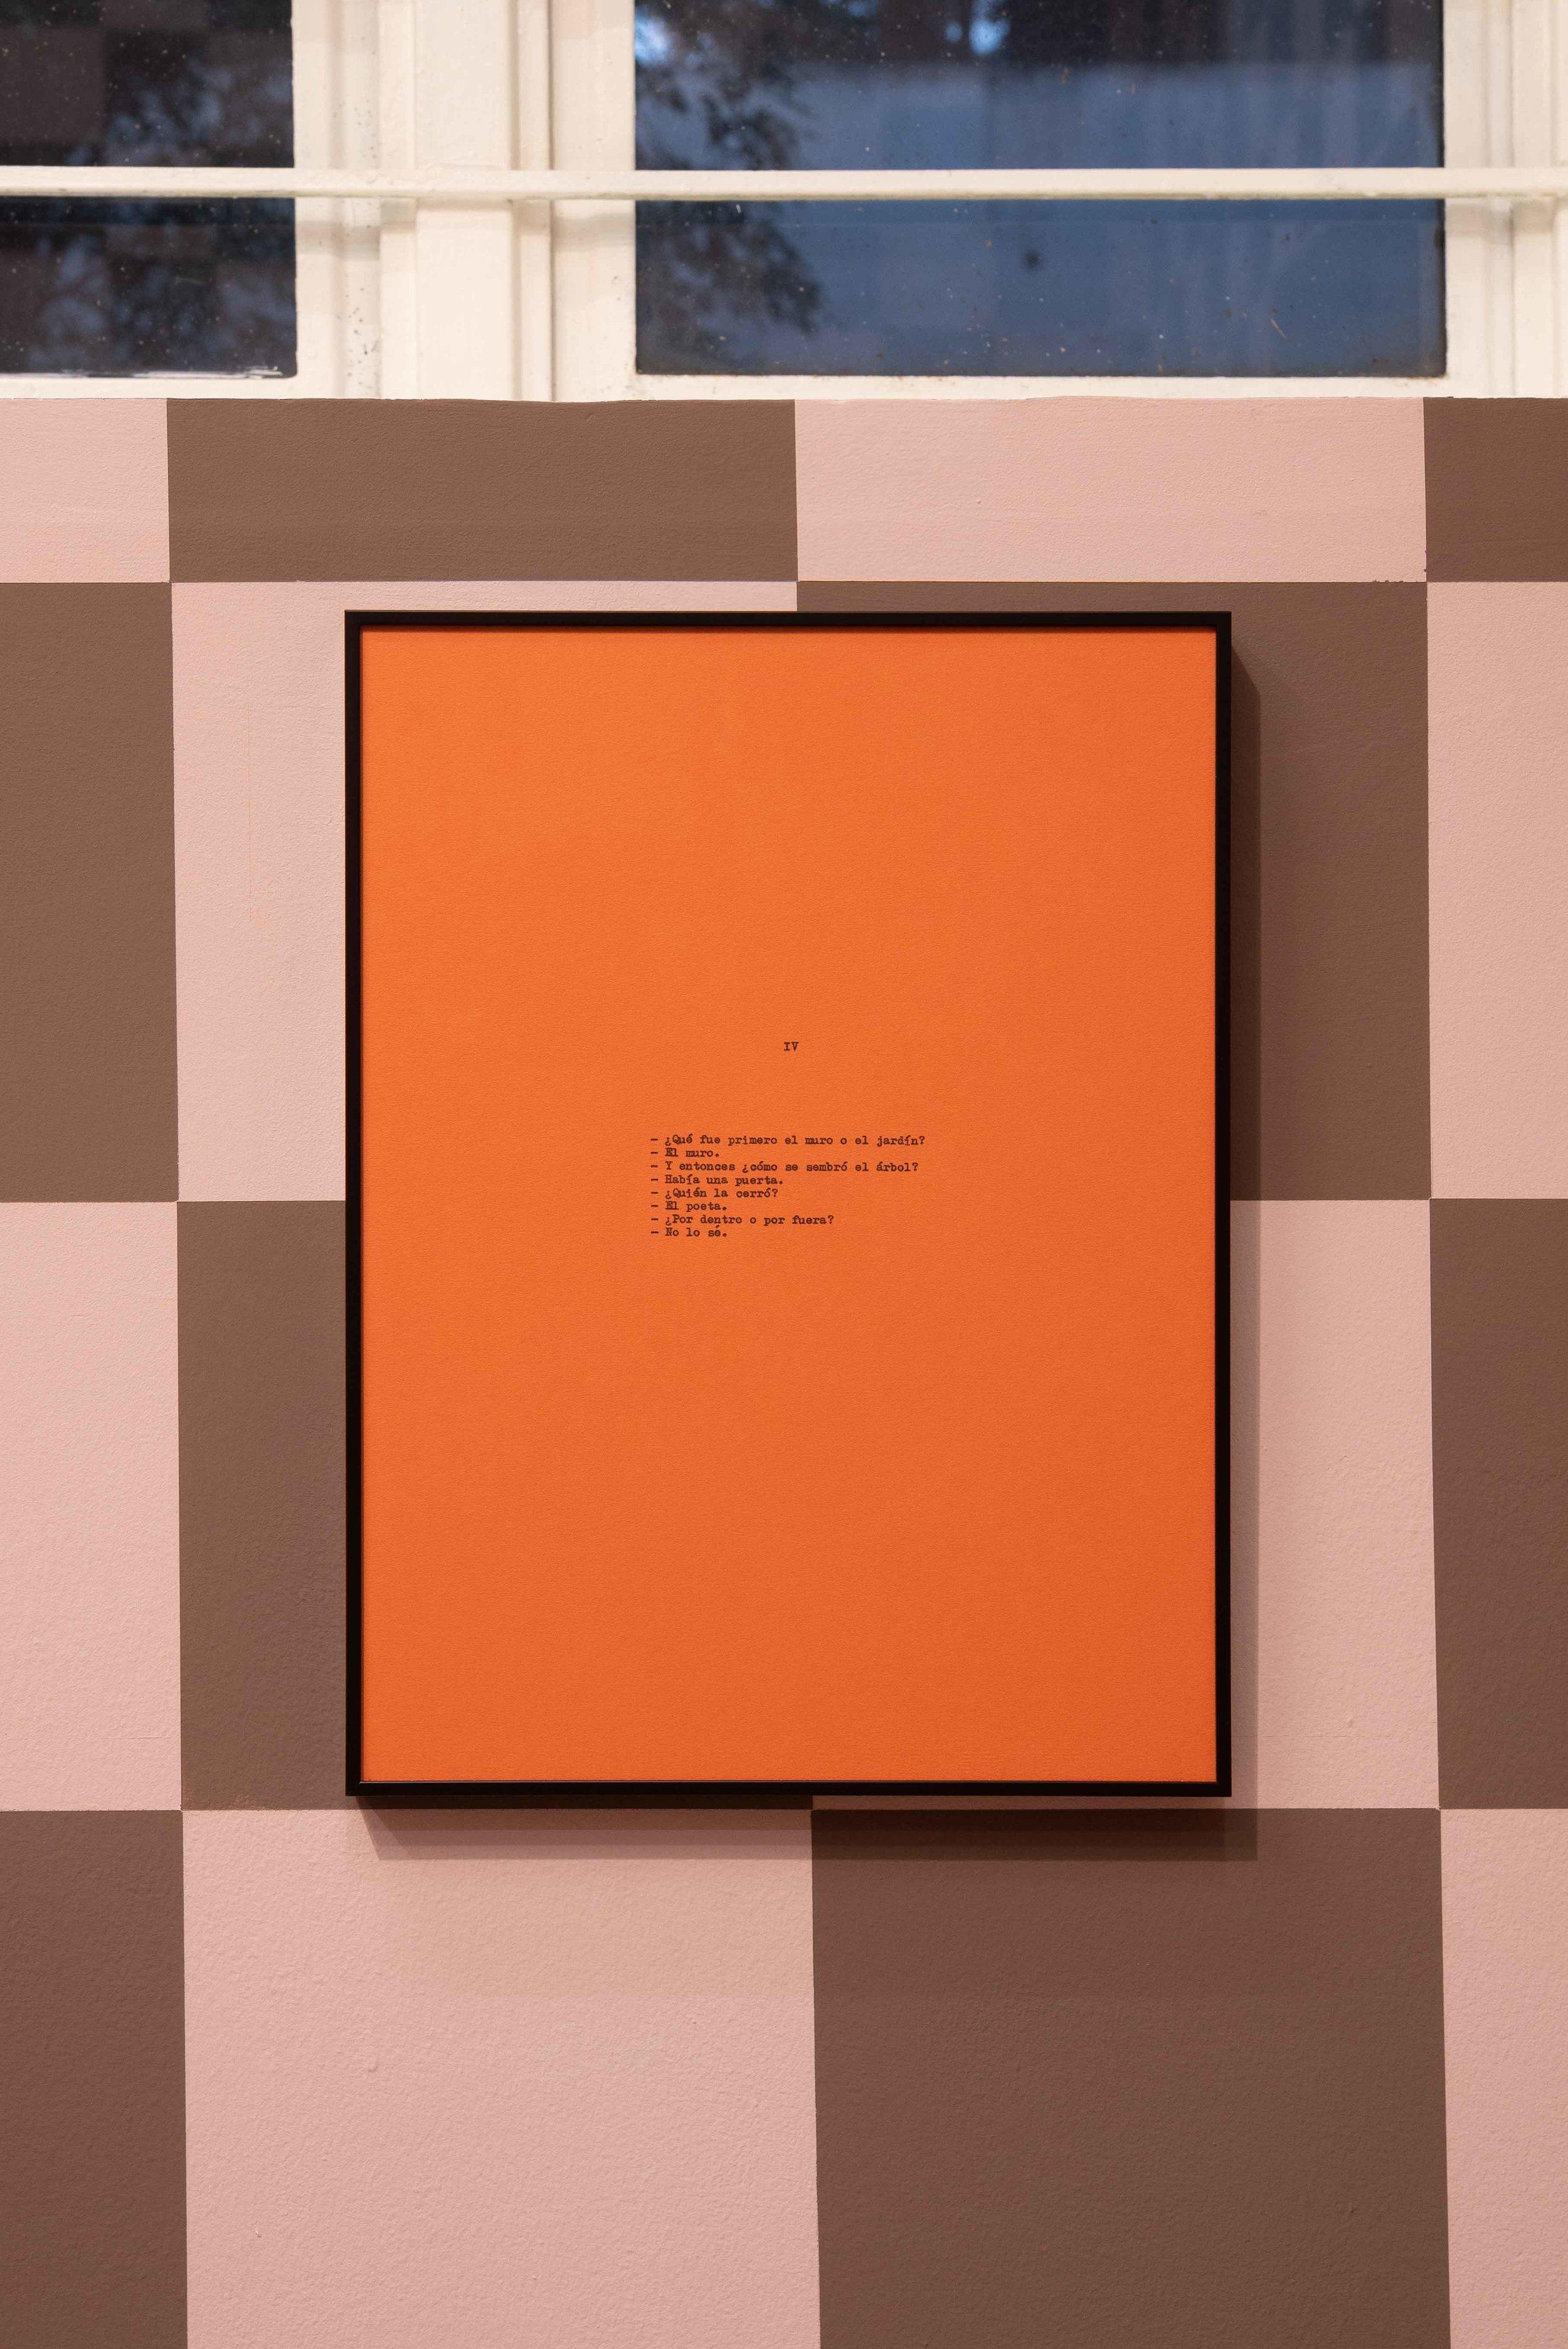 Diálogo sobre un poeta, una manzana y una retícula (Parte uno) I / Dialogue about a Poet, an Apple. and a Grid (Part one) I, 2019  Tinta sobre papel / Ink on paper  Políptico de 10 piezas de 37.5 cm x 27.5 cm / 10 piece polyptych, 37.5 cm x 27.5 cm each      Fotografía: Agustín Arce